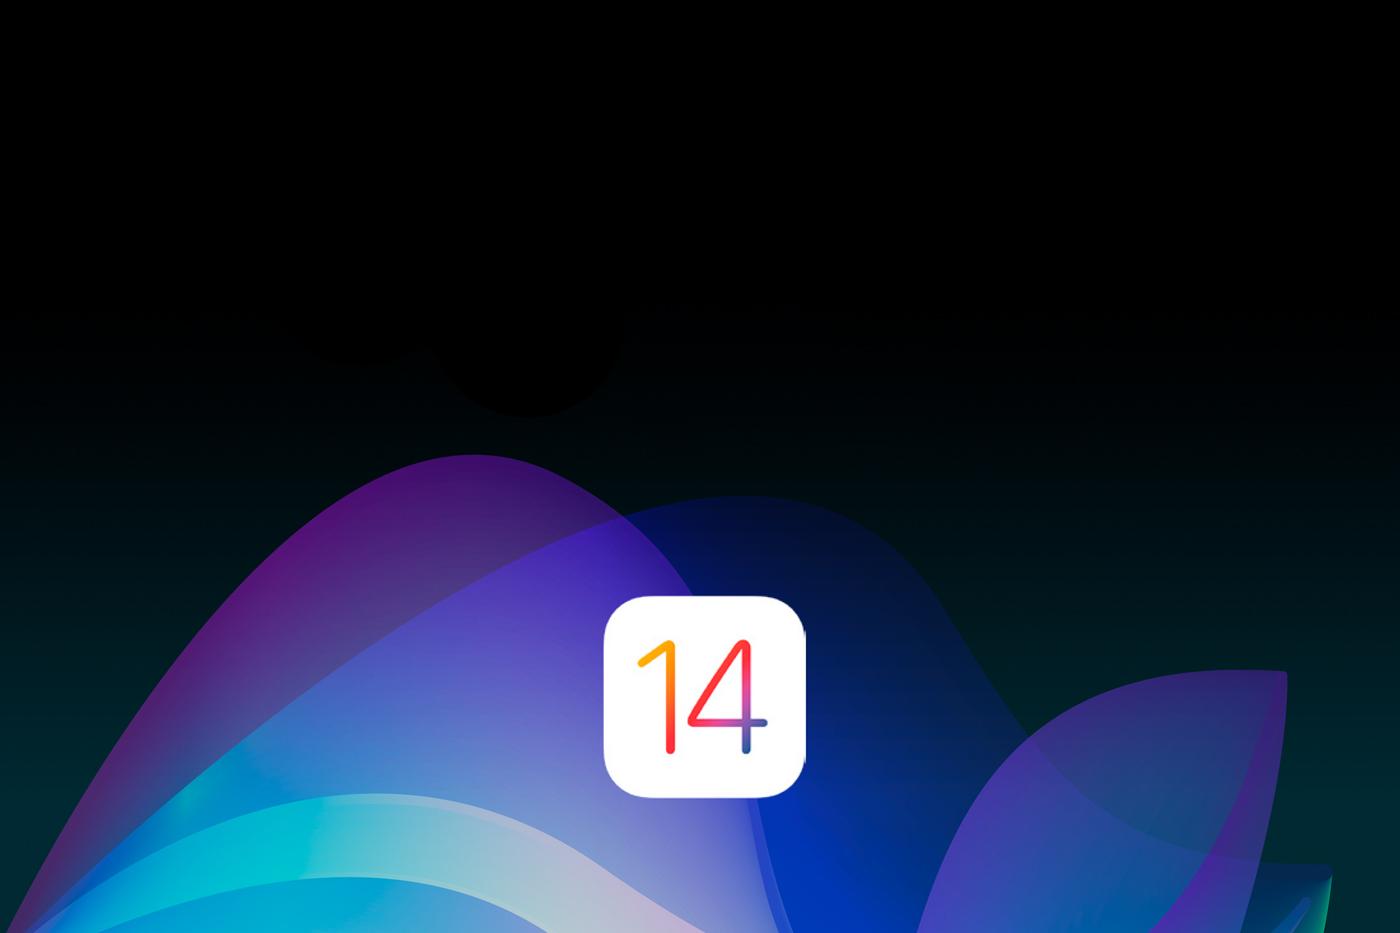 La solución de Infinia para hacer frente a iOS 14